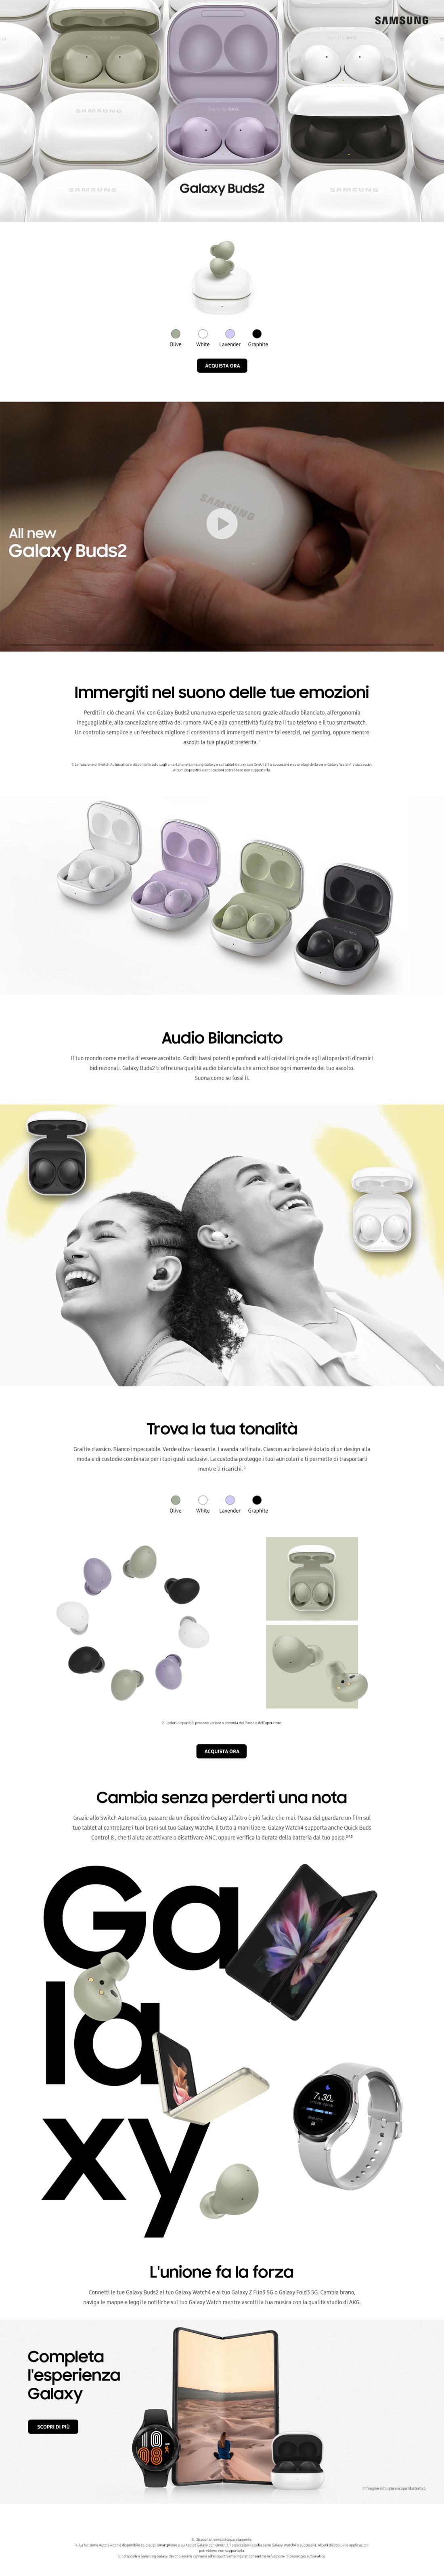 Promozione Smartphone e telefonia: Samsung Galaxy Buds2